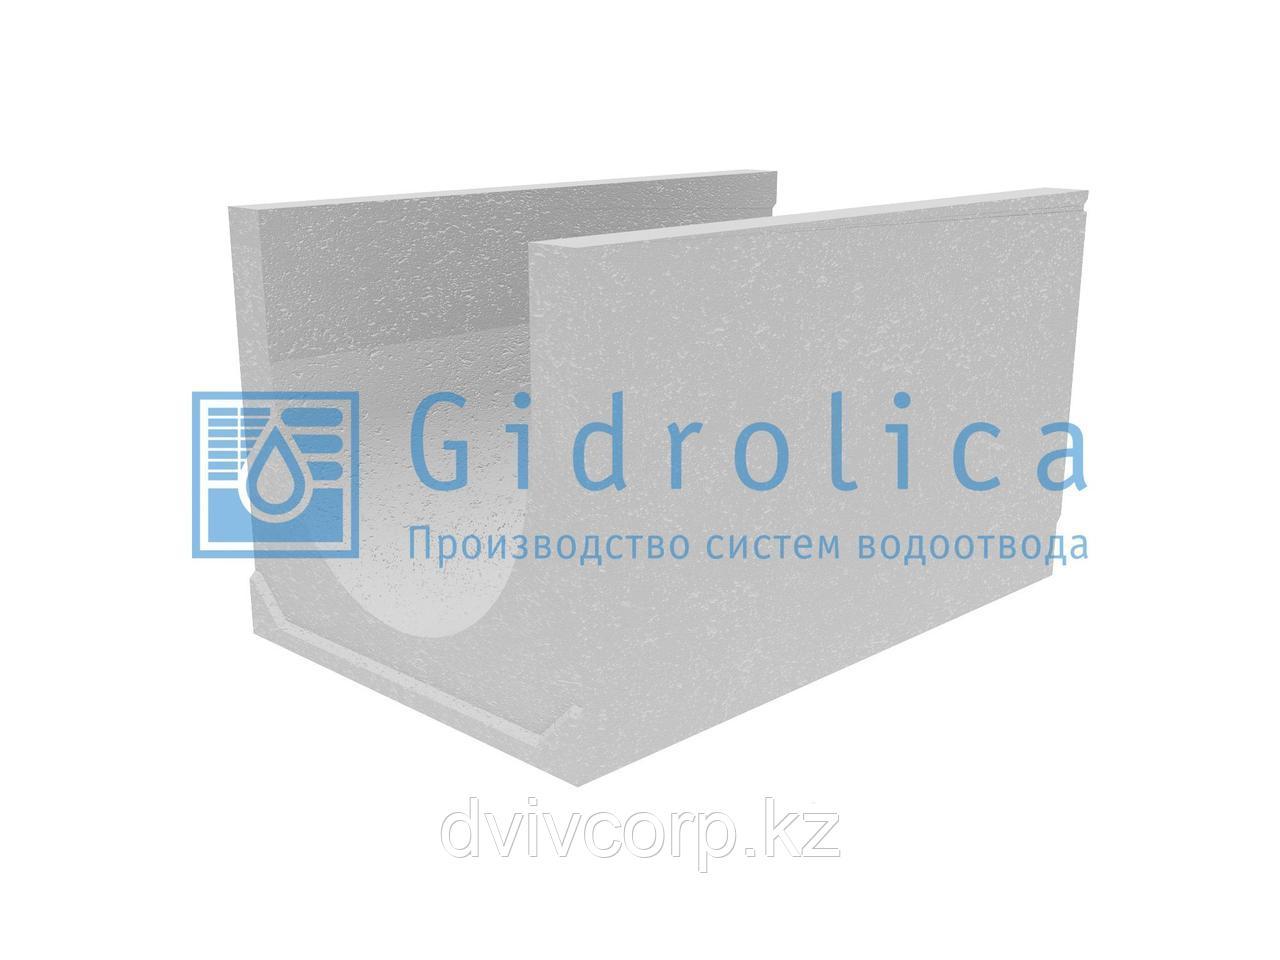 Лоток водоотводный бетонный коробчатый (СО-500мм)КU 100.65(50).57,5(48,5) - BGU-XL, № 25-0